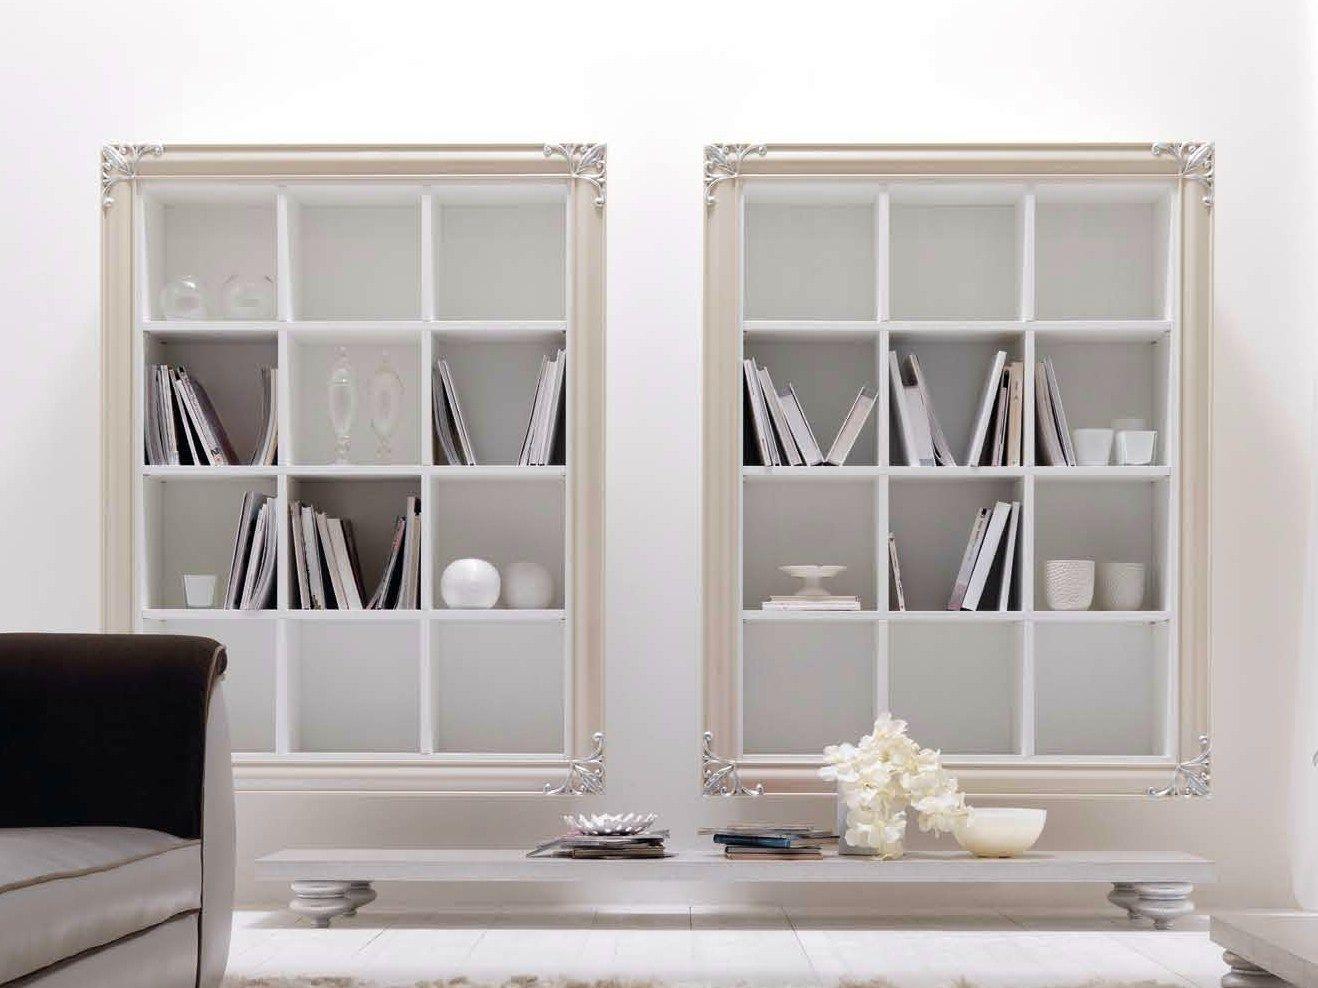 Gallery of libreria a giorno a parete sospesa in metallo for Librerie a basso costo